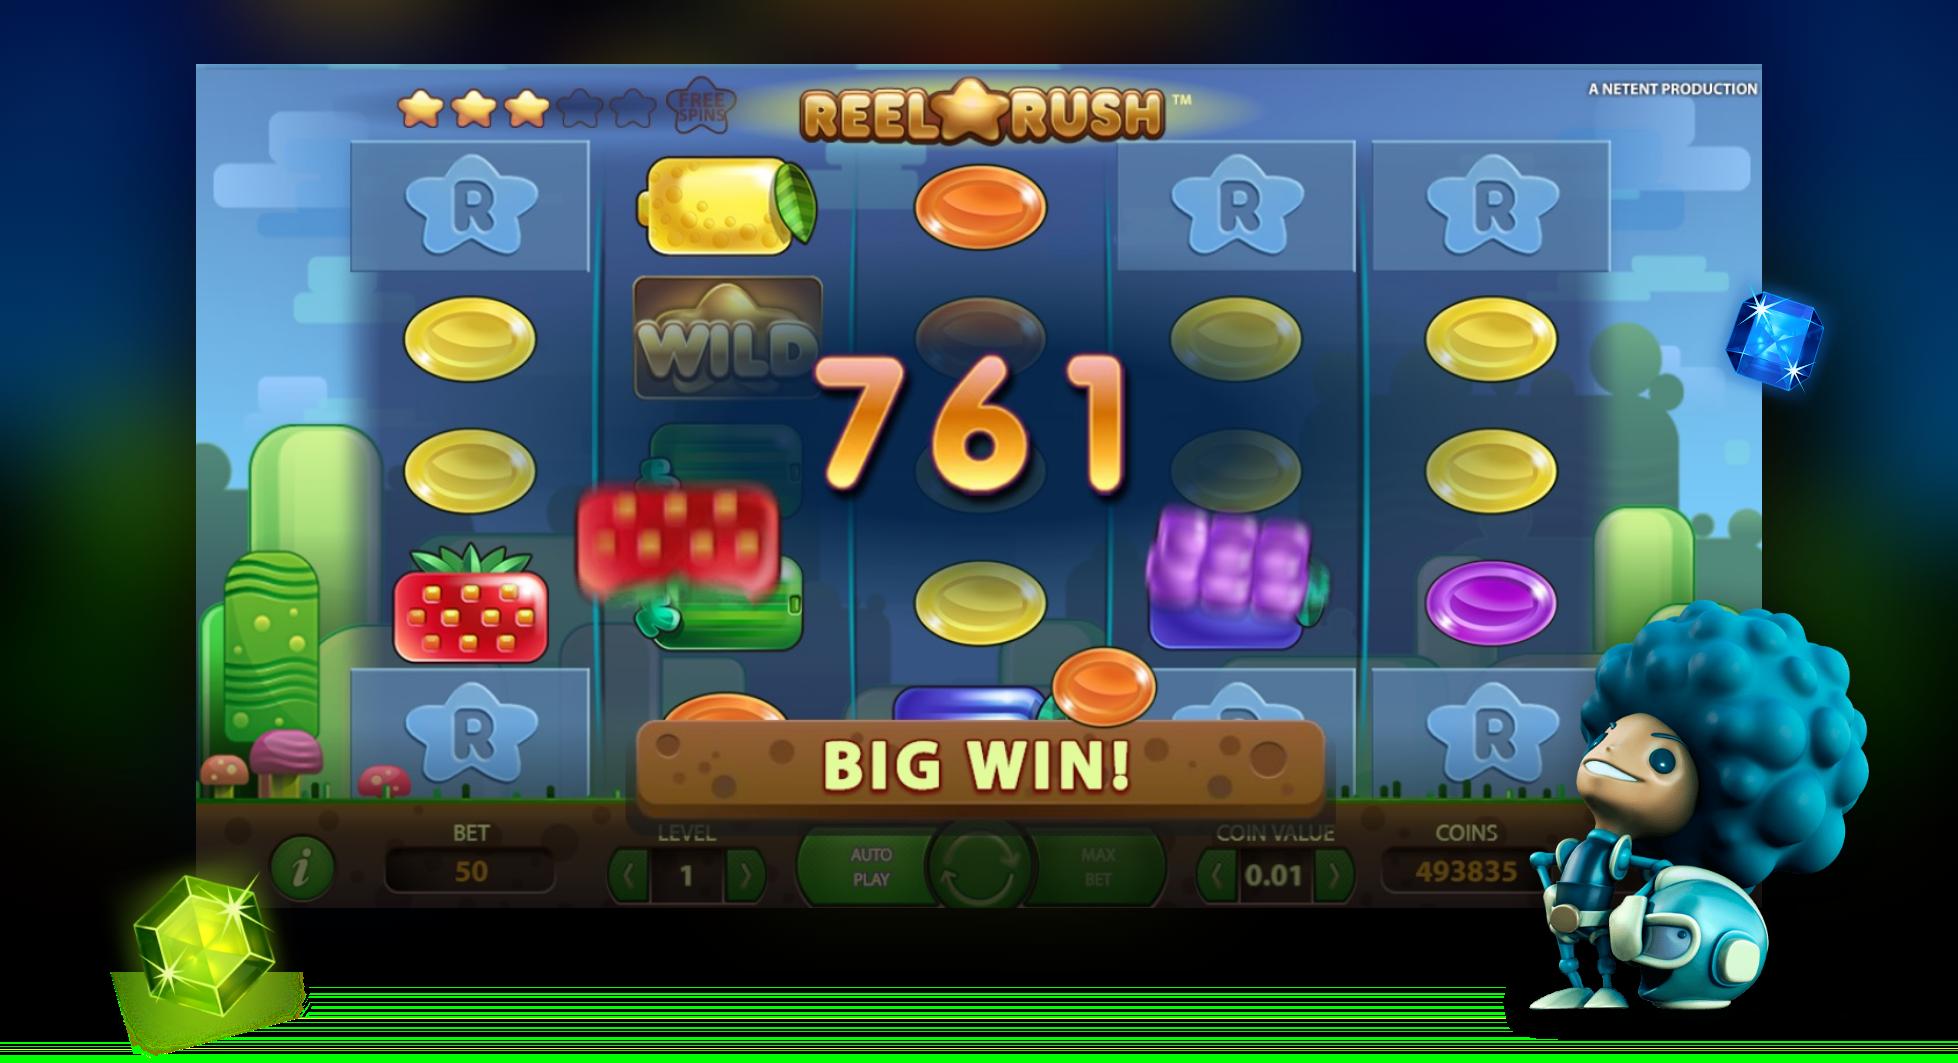 Big Win video slot Reel Rush